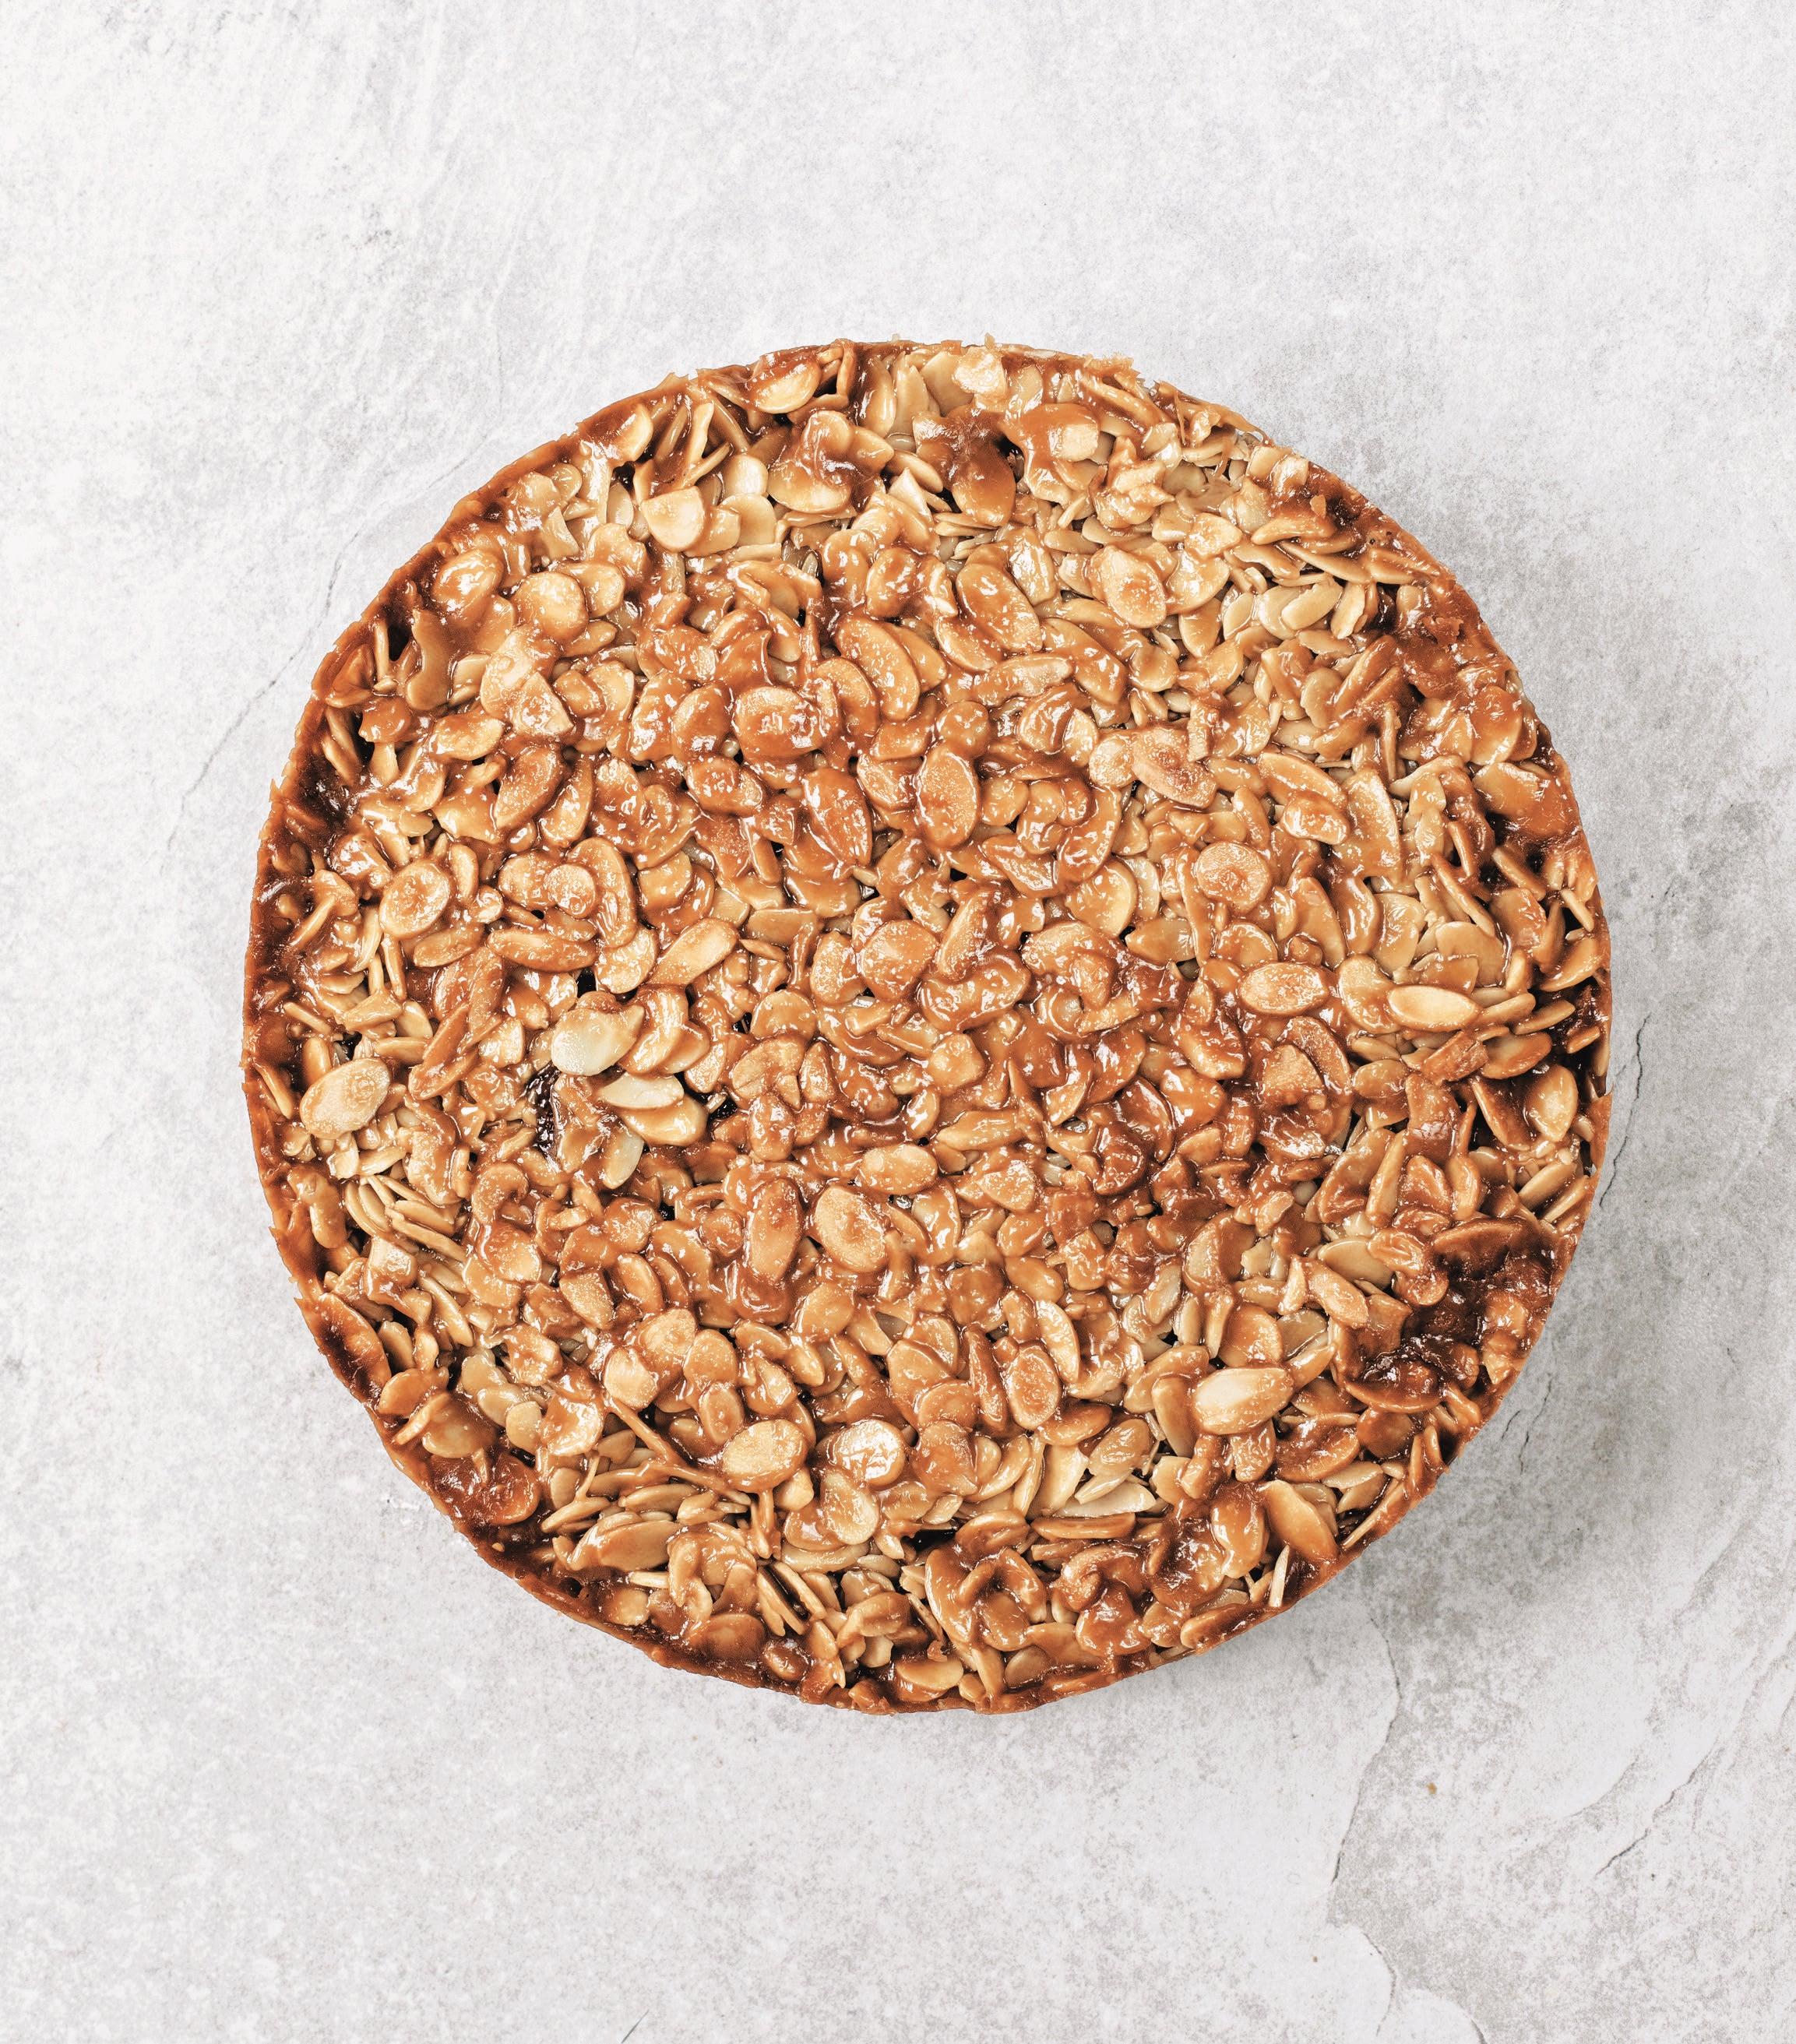 Almond-Brittle-Cake-benjamina-Ebuehi.jpg